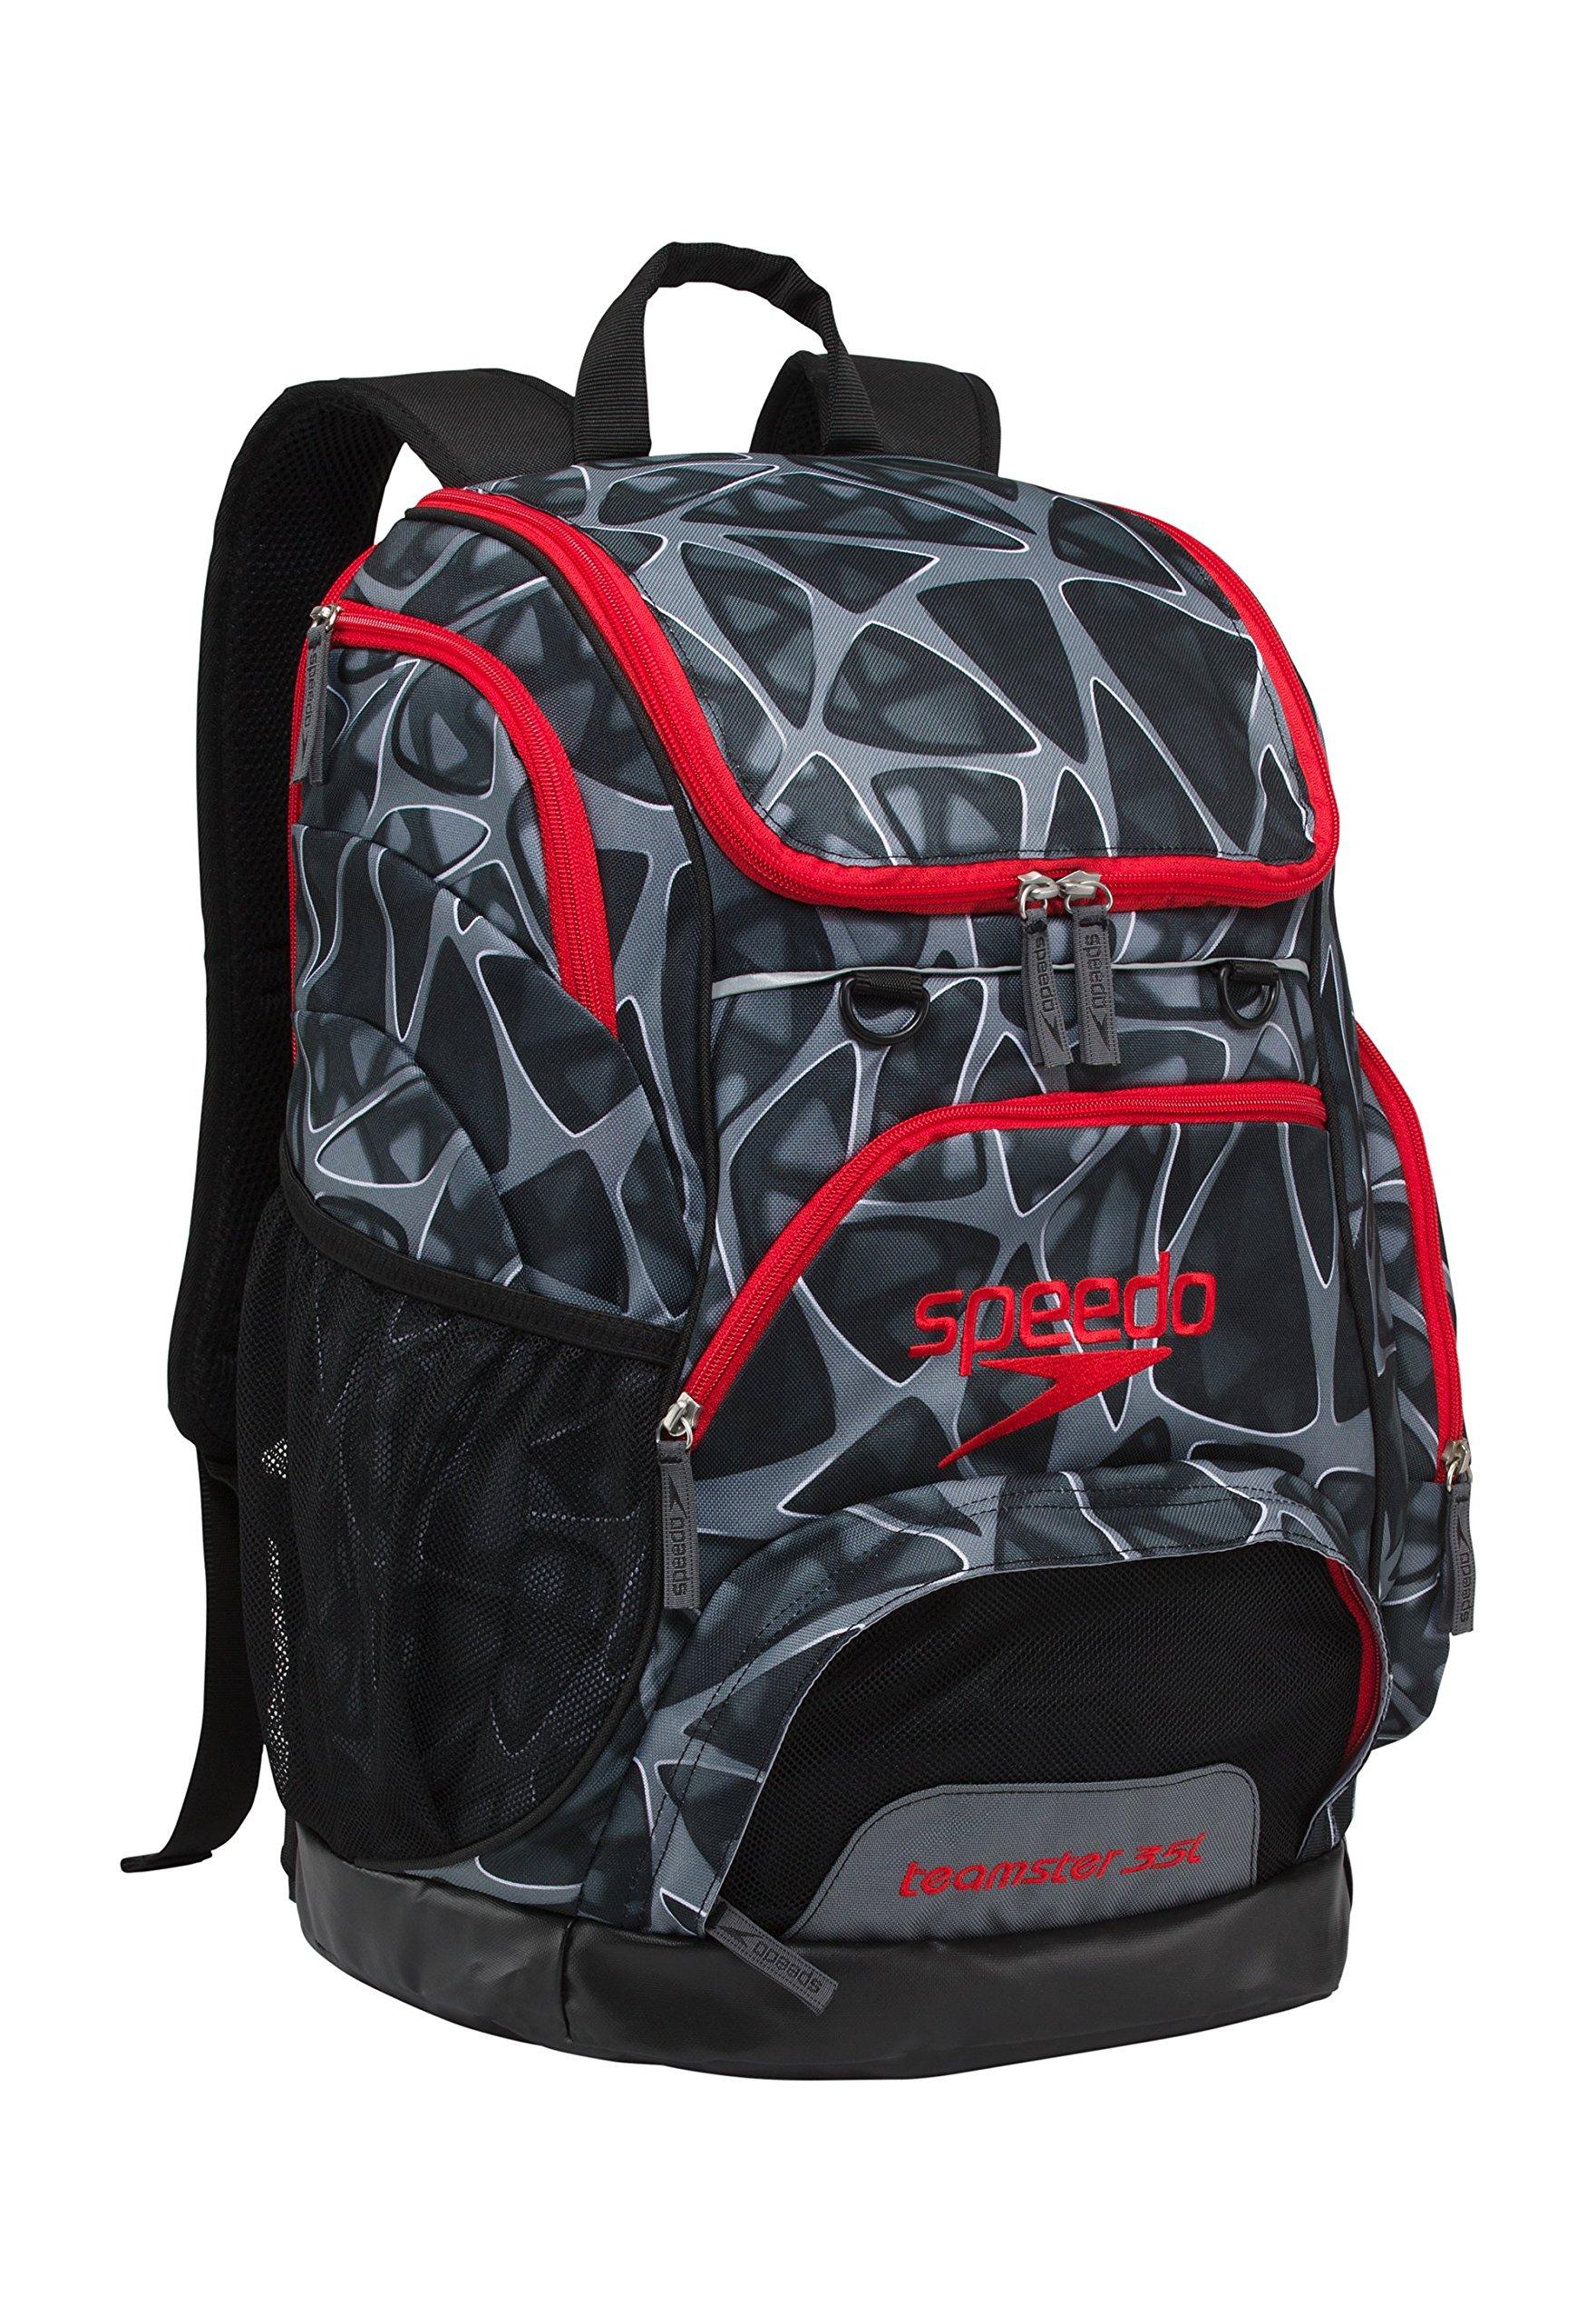 Speedo Printed Teamster 35L Backpack, Charged Black, 1SZ